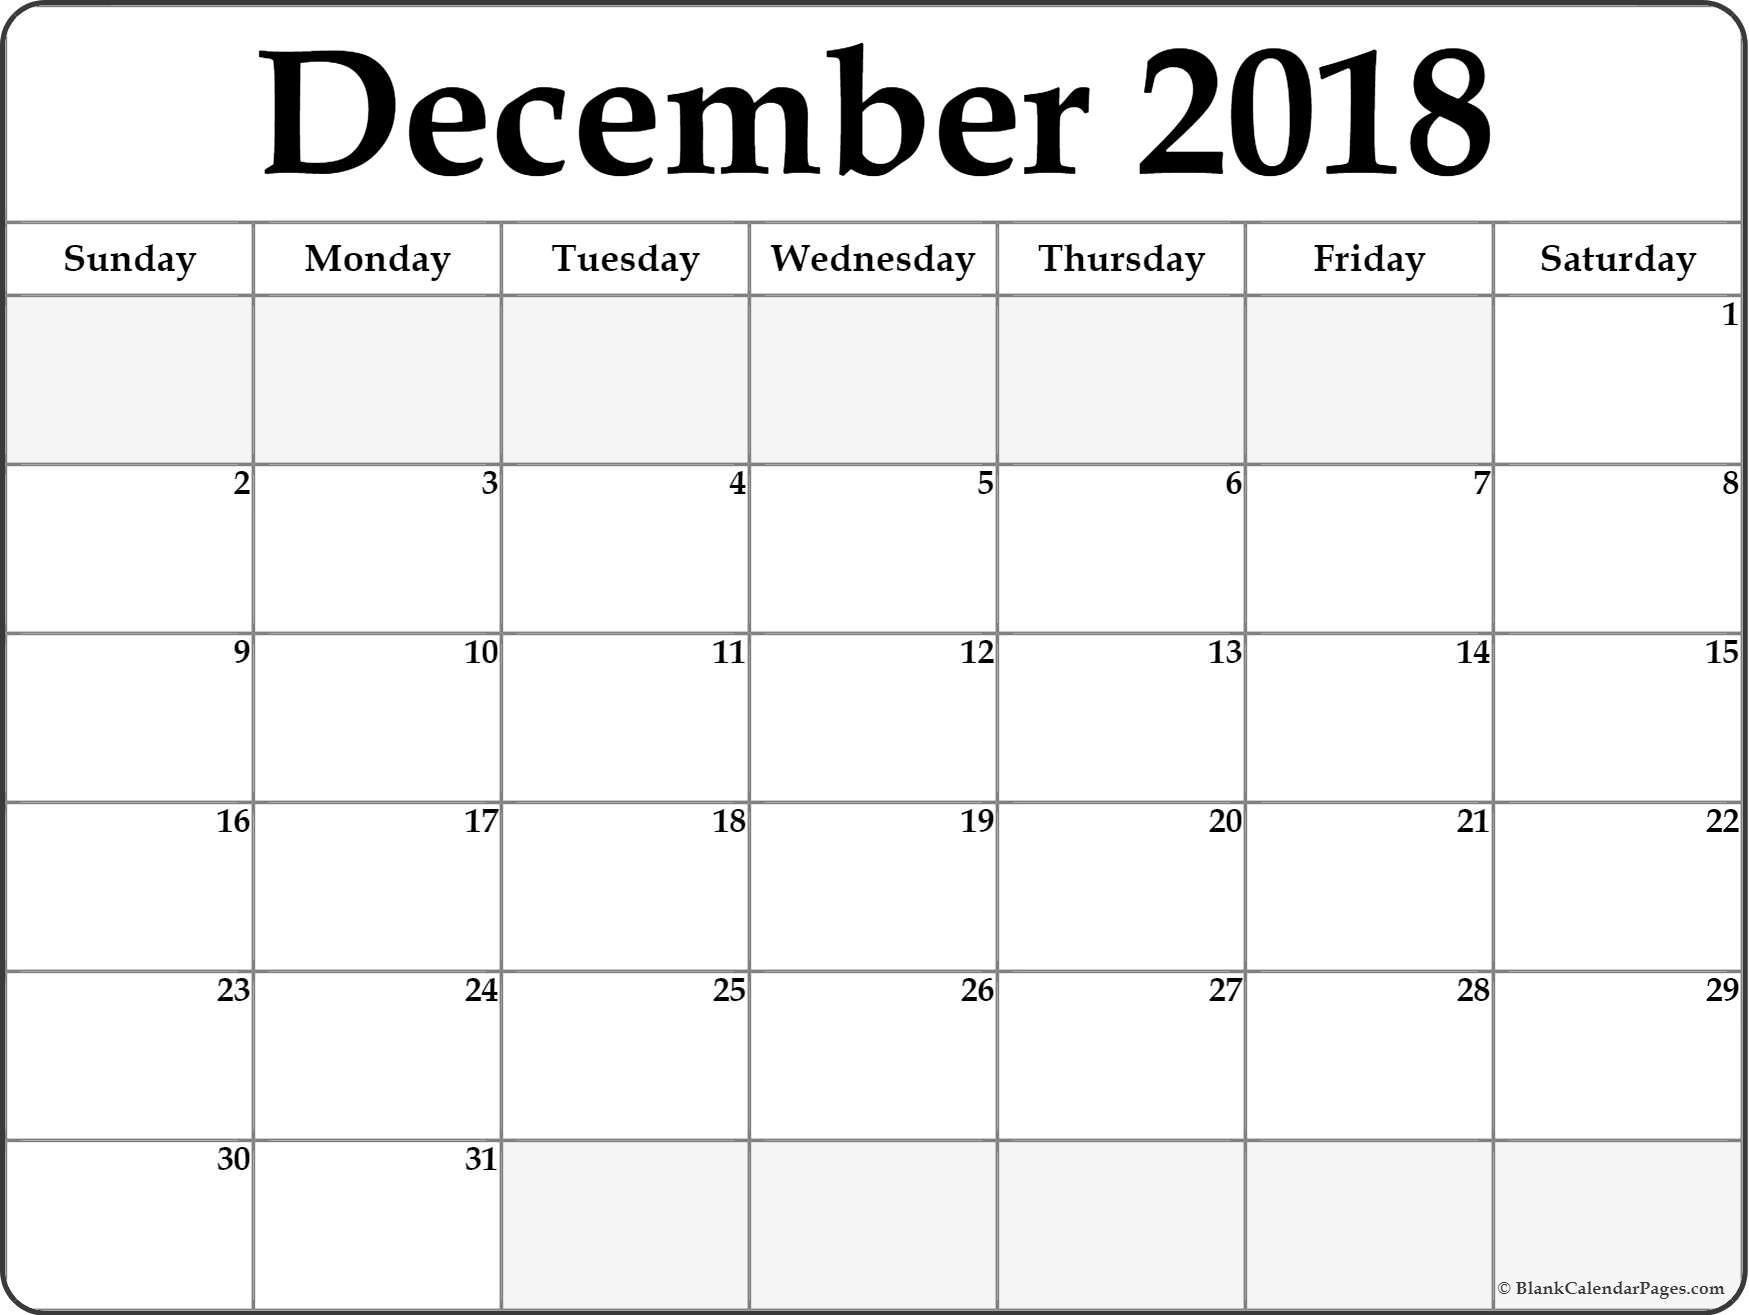 December 2018 Blank Calendar . December 2018 Calendar Printable in Blank Calendar Printable December